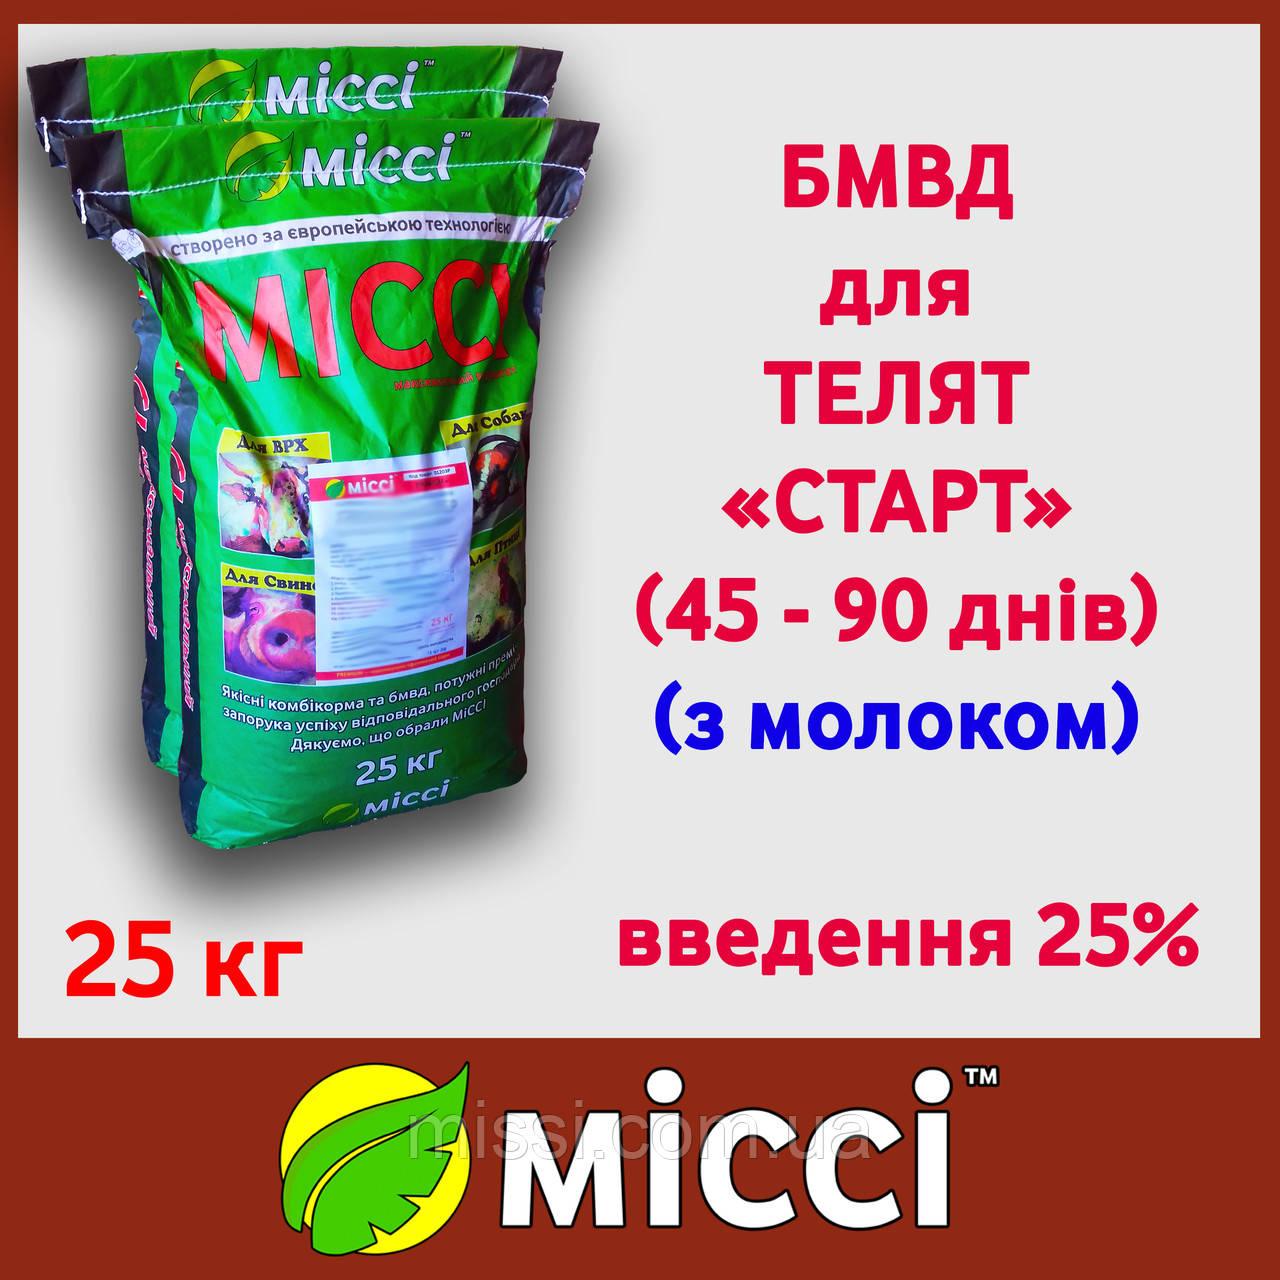 БМВД старт 25% для телят (упаковка 25%)  МІссі